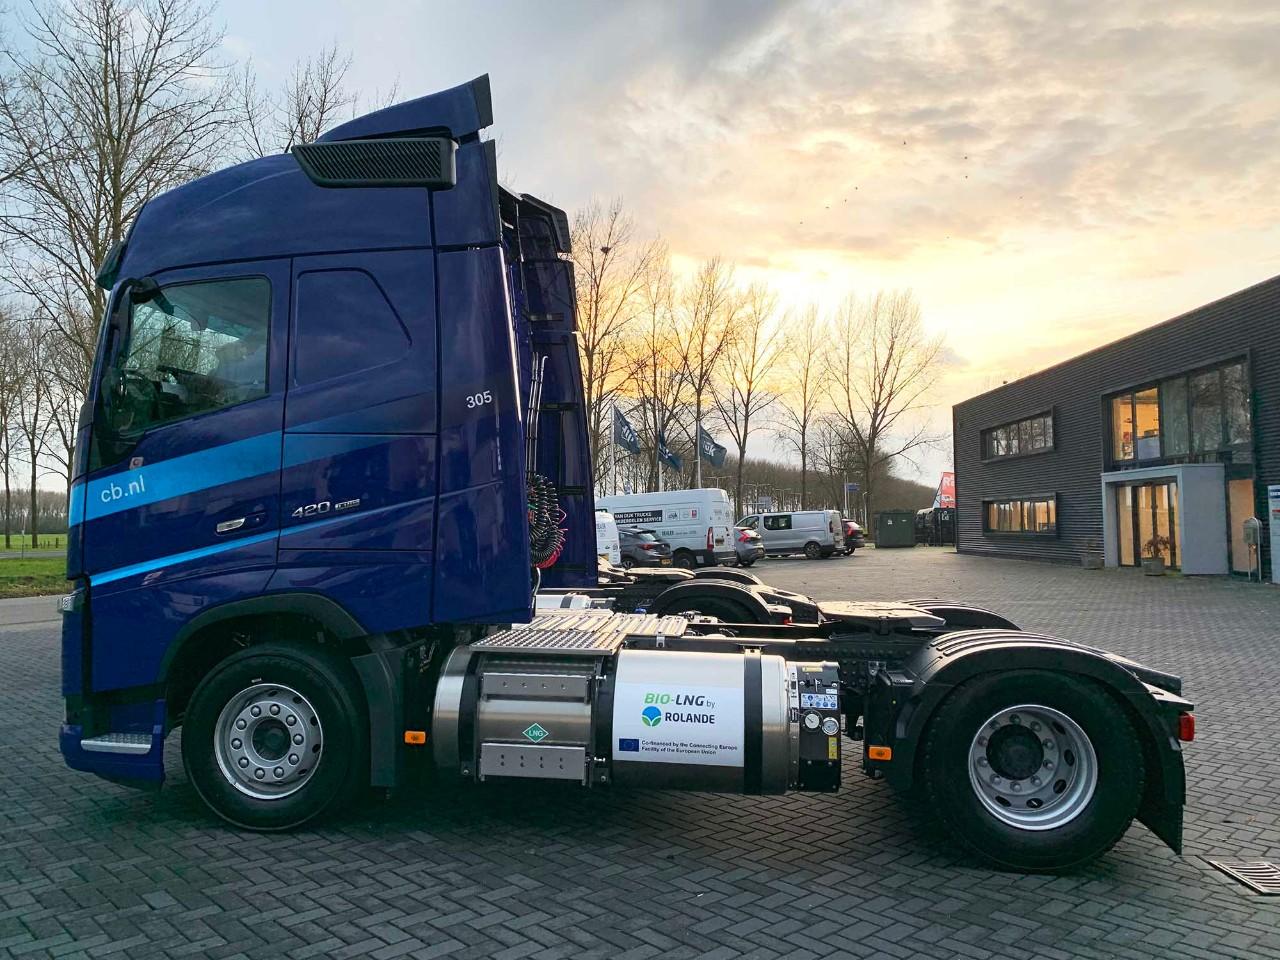 Volvo Trucks-dealer Van Dijk Trucks leverde de LNG-trucks aan CB. Het uitstekende klantcontact speelde een belangrijke rol bij de keuze voor Volvo Trucks..